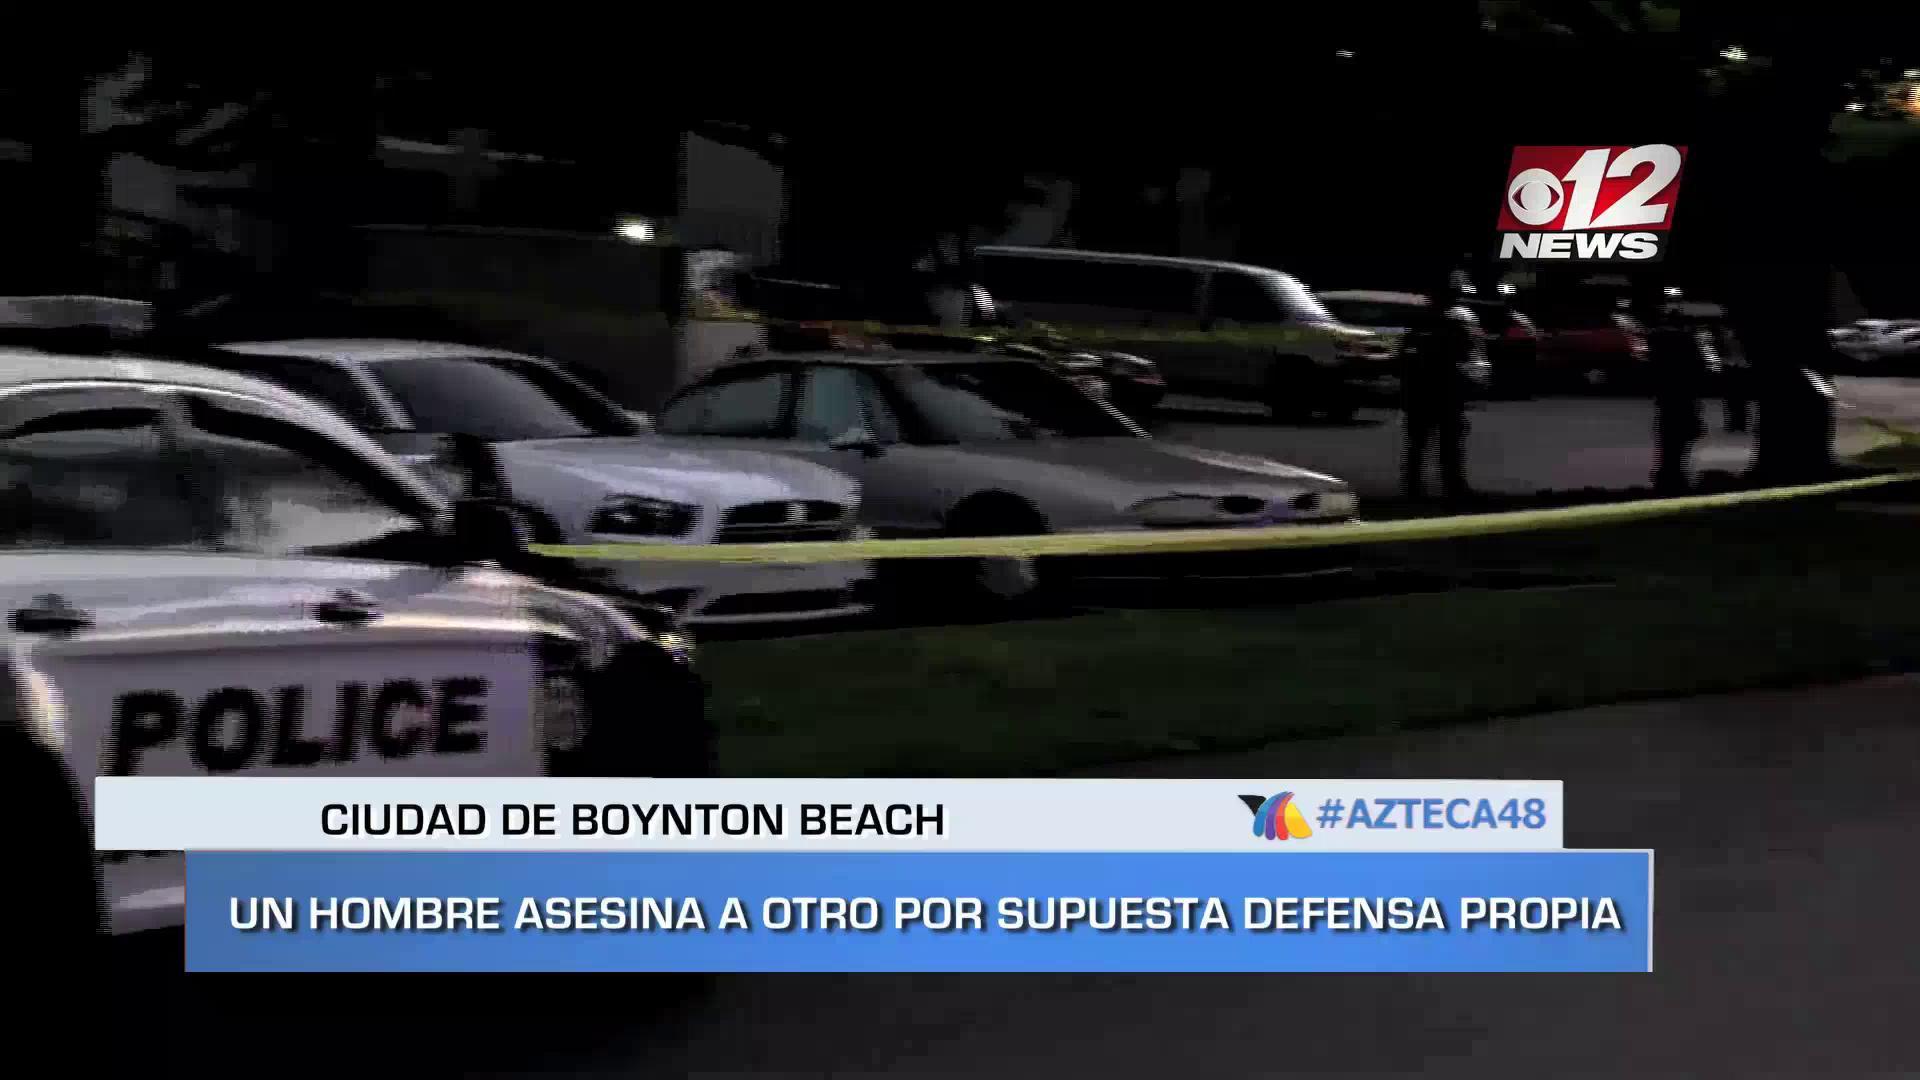 NOTI VIDEO: Un hombre asesina a otro por supuesta defensa propia